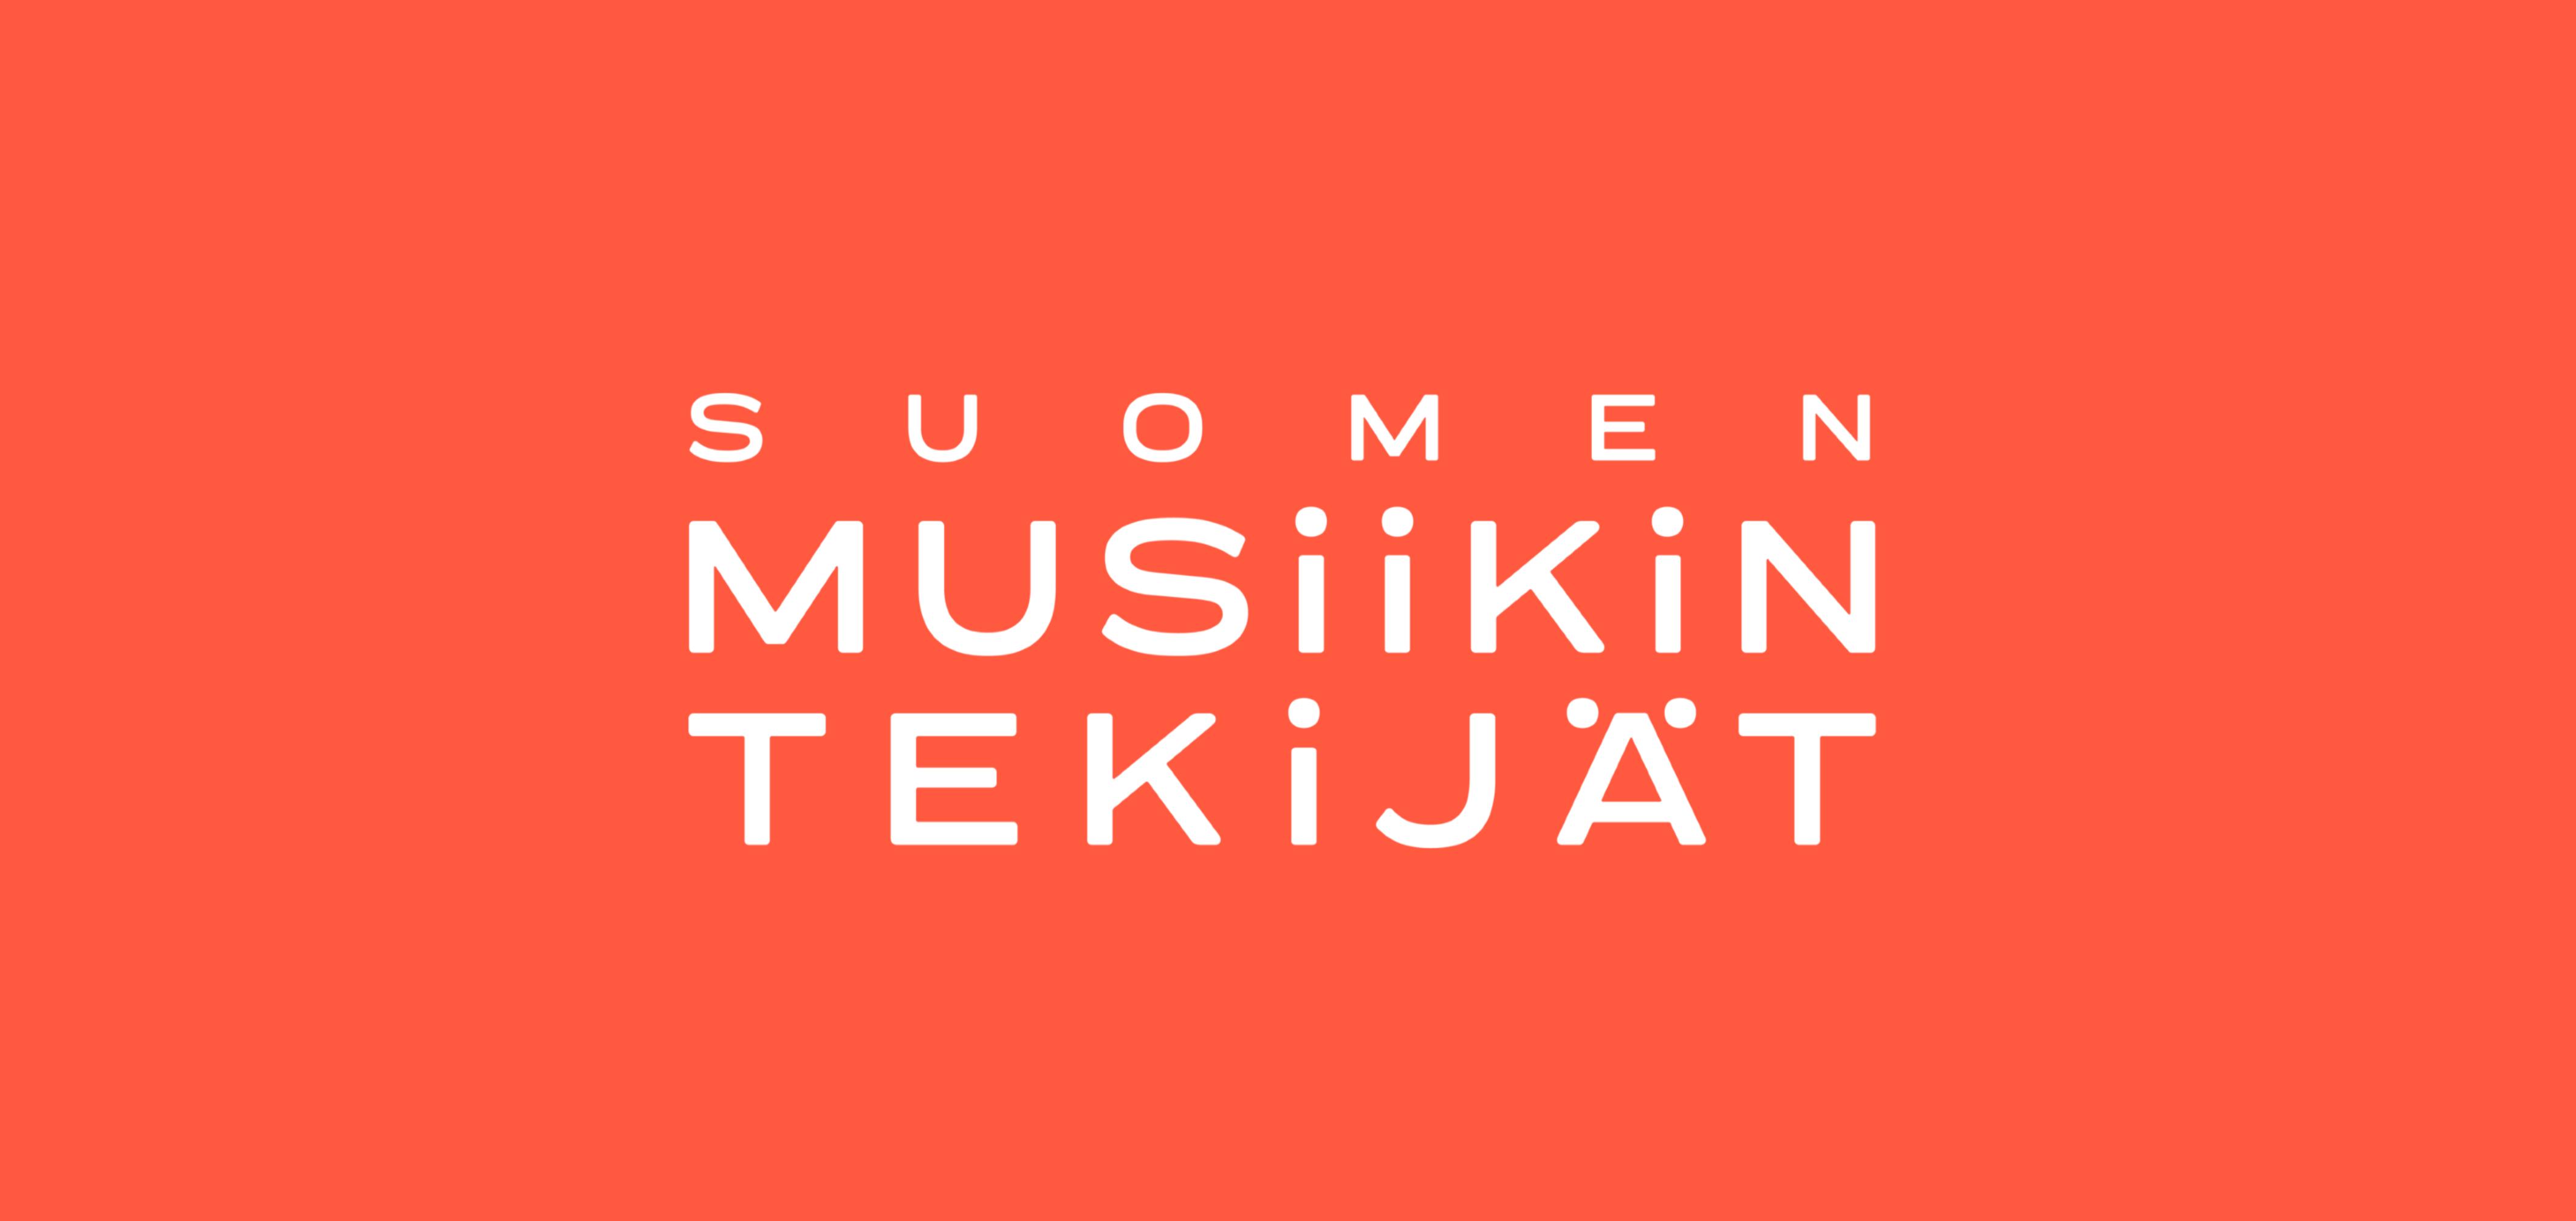 Yle-keskustelu Musiikki & Mediassa 5.10.2018